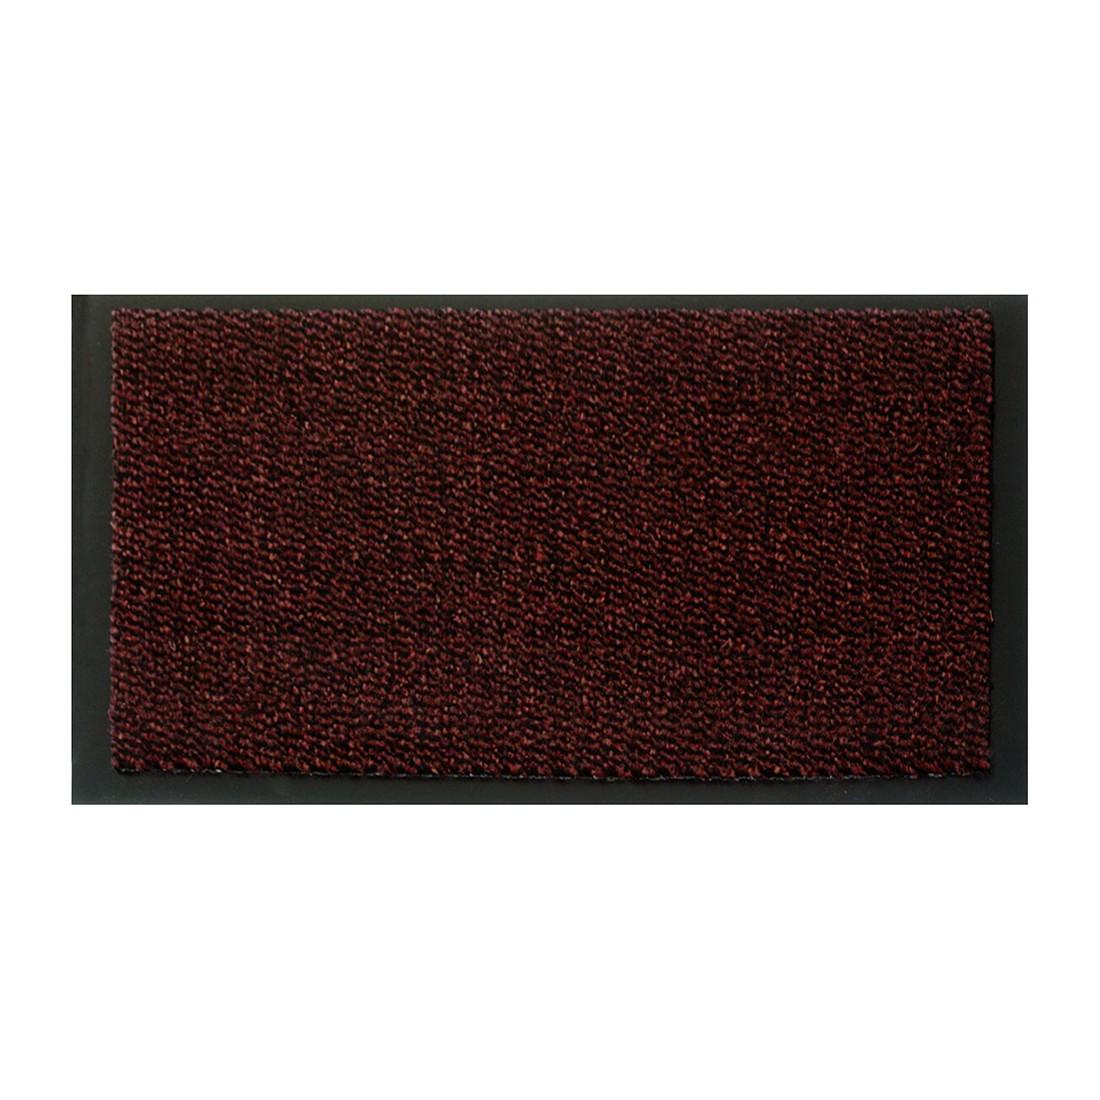 Fußmatte Saphir – Rot meliert – 90 x 150 cm, Astra online kaufen